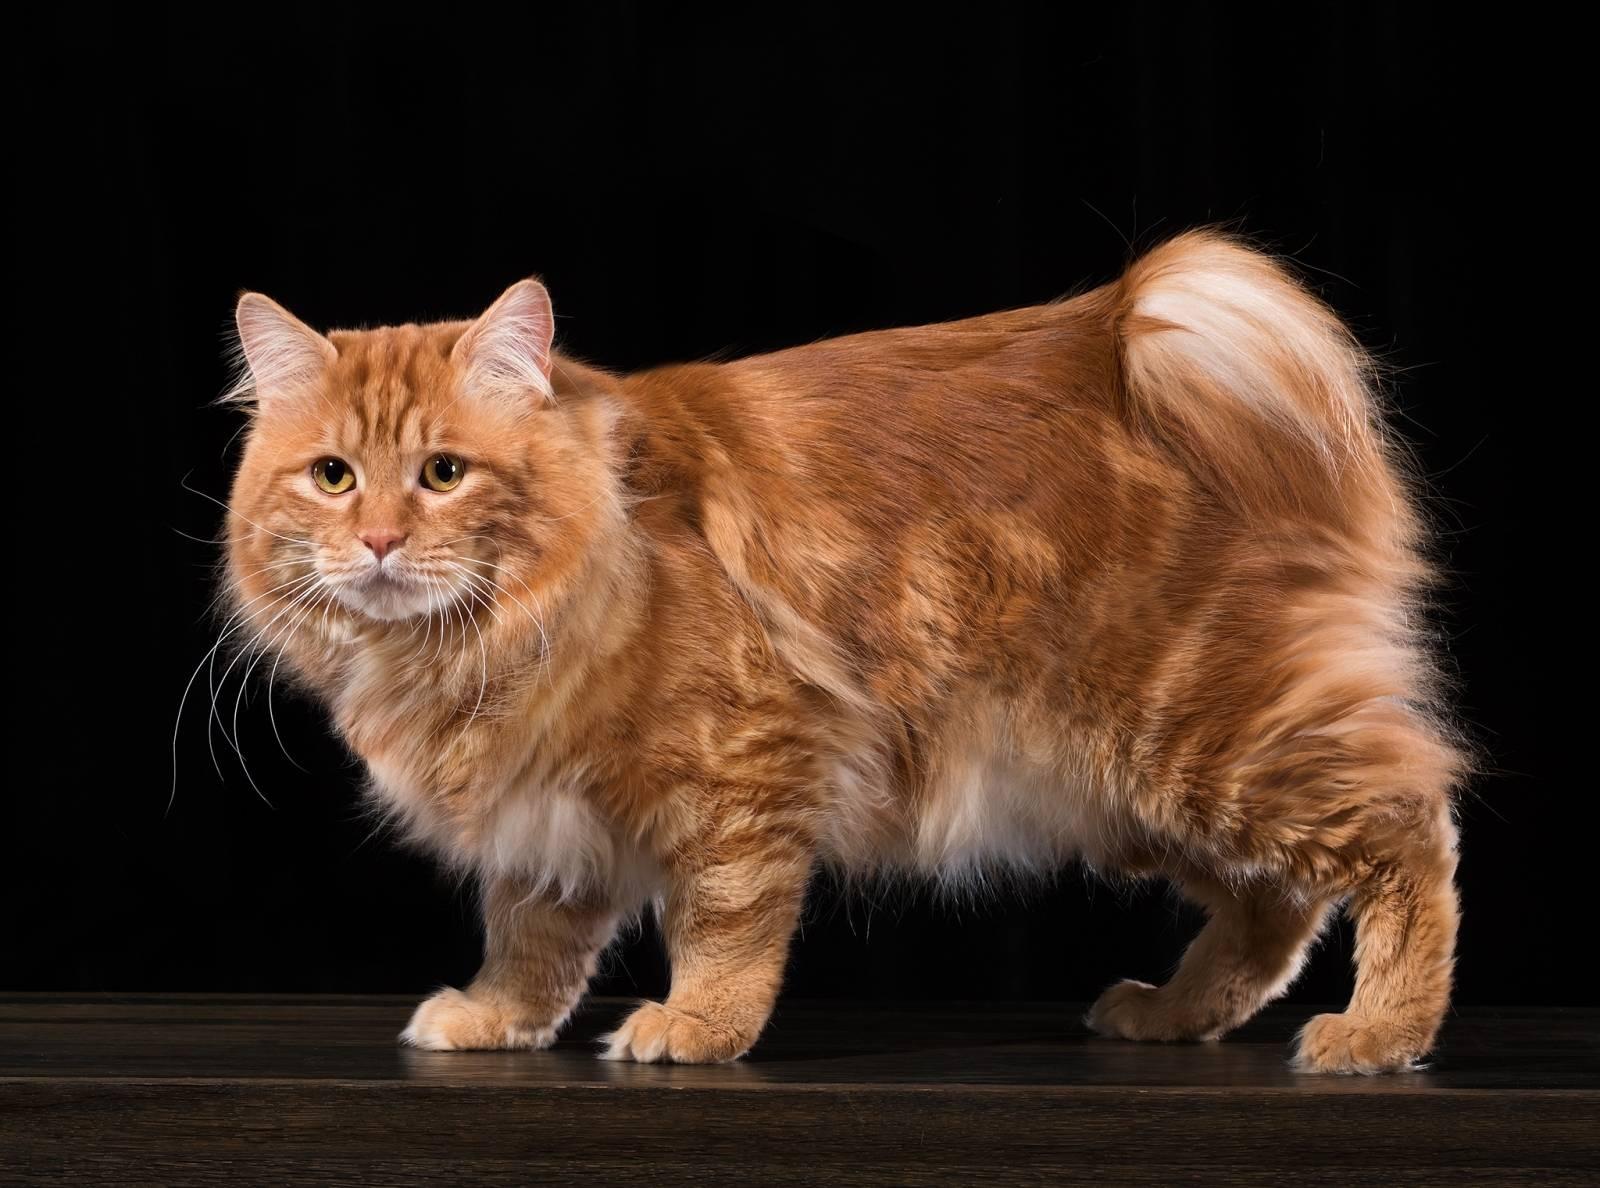 Как выглядит кот курильский бобтейл, фото, уход и здоровье